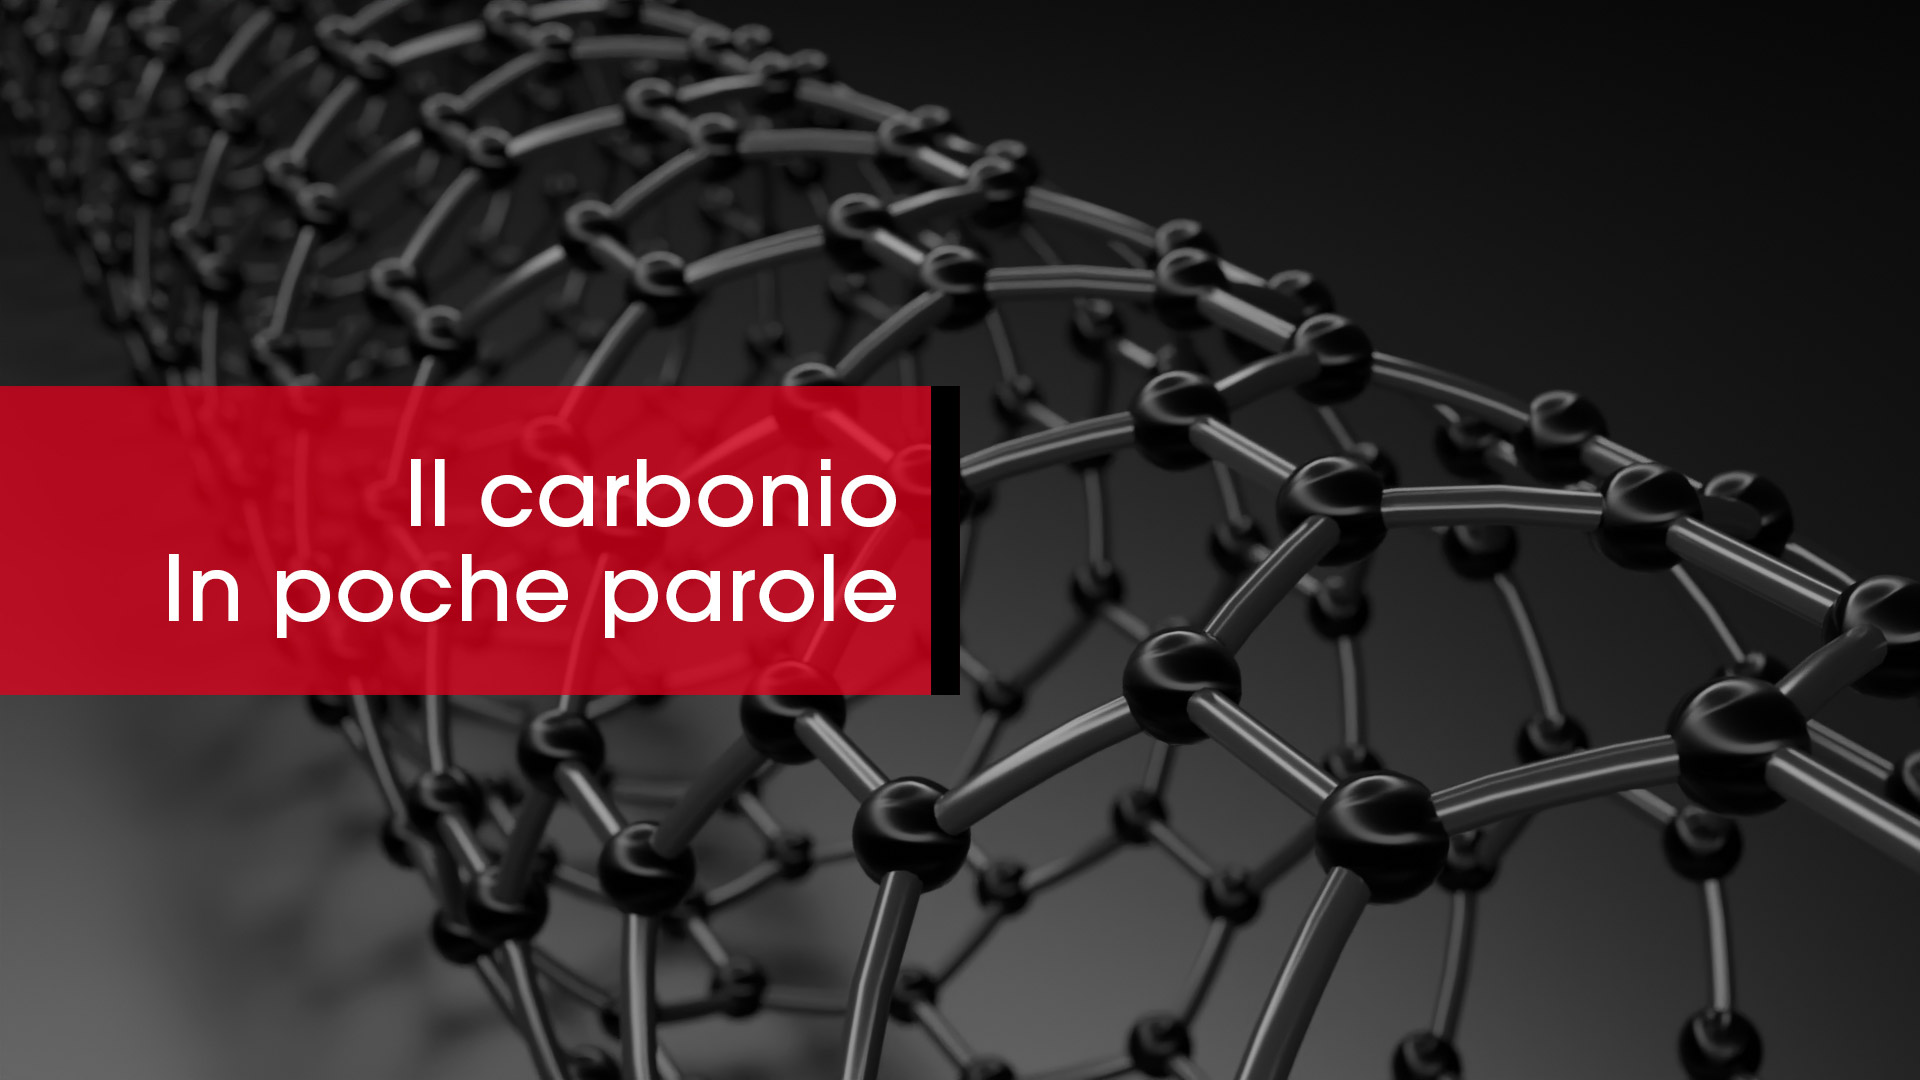 Video didattici sul carbonio e le sue proprietà